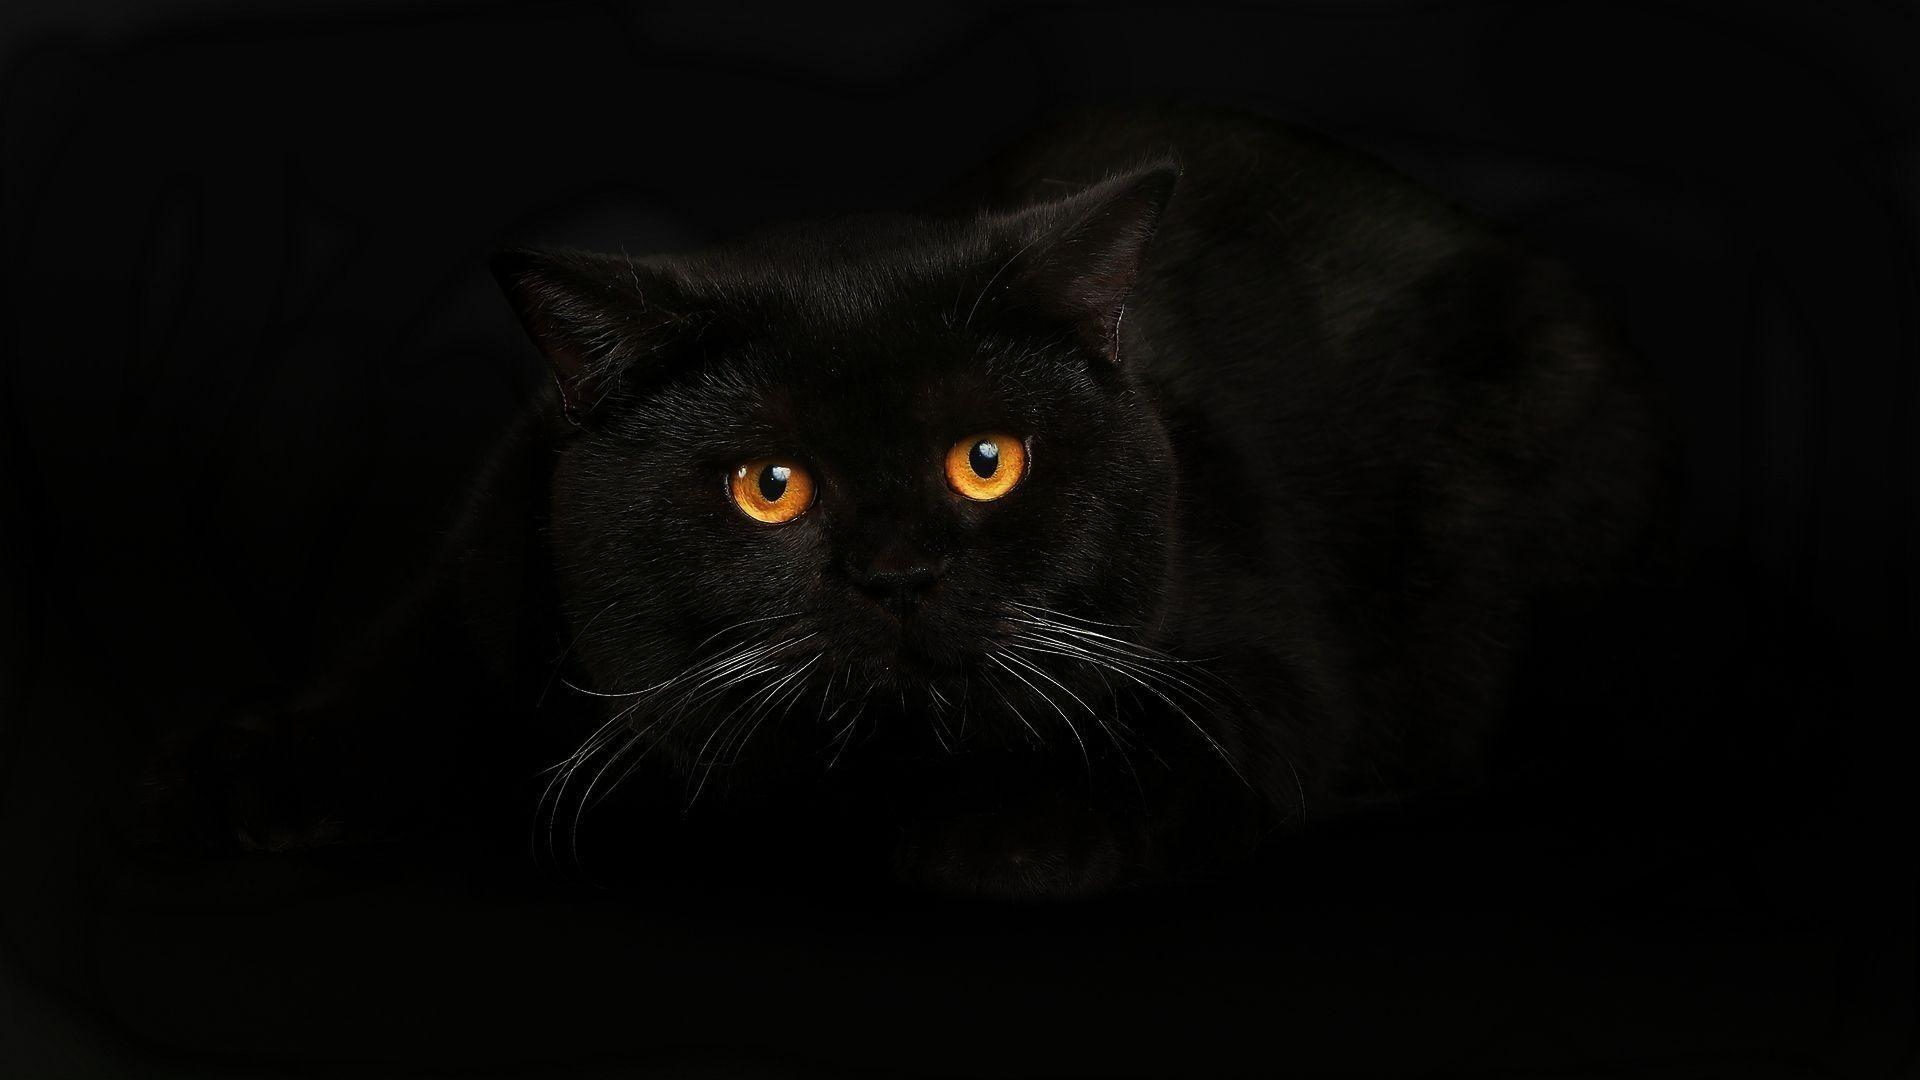 Black Cat Pic